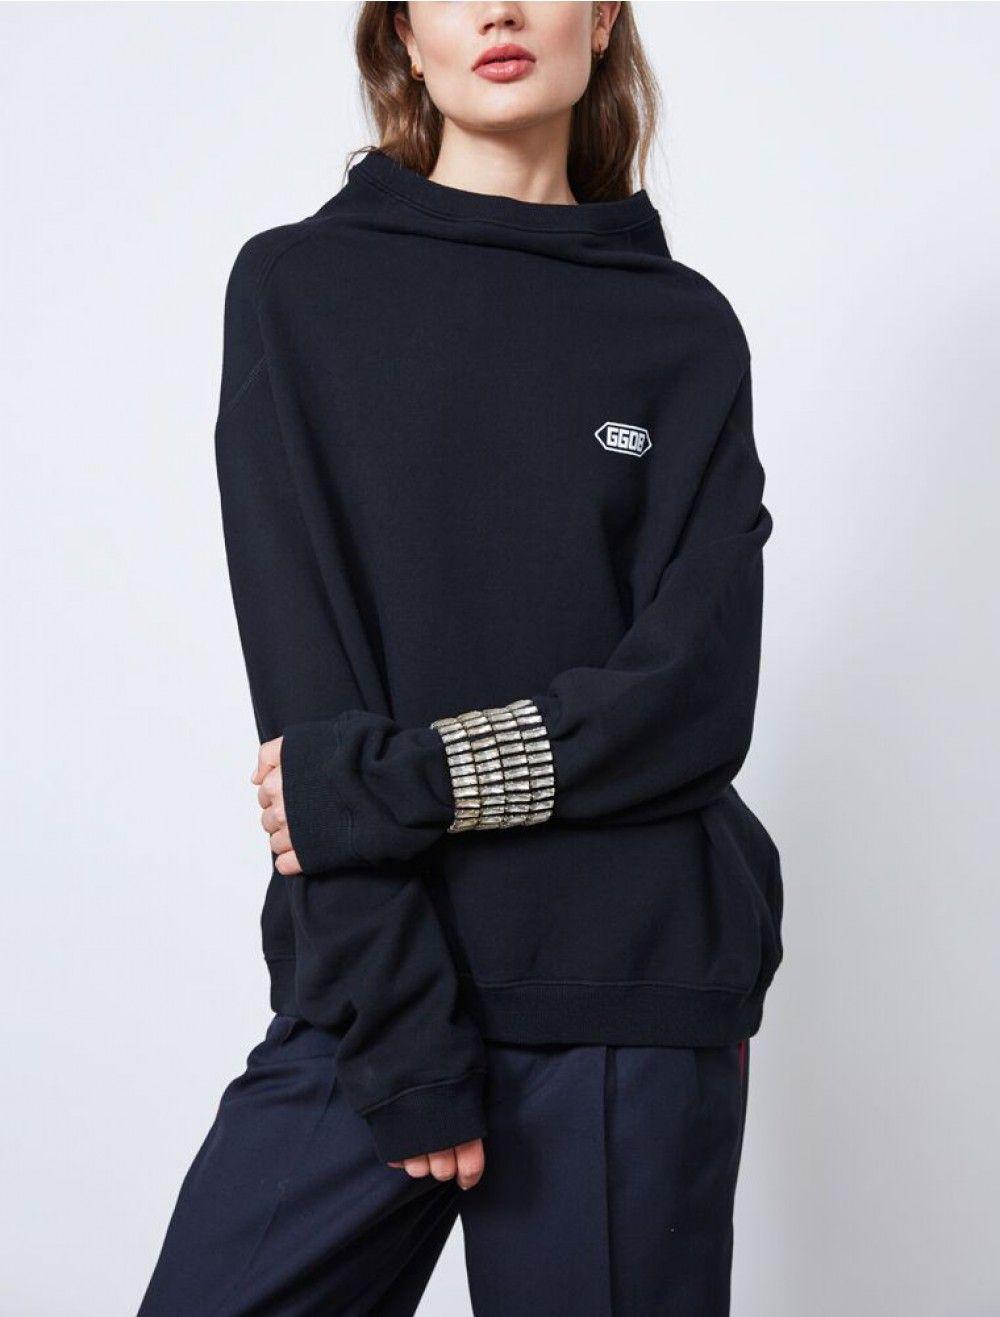 Golden Goose Tina Sweater Black